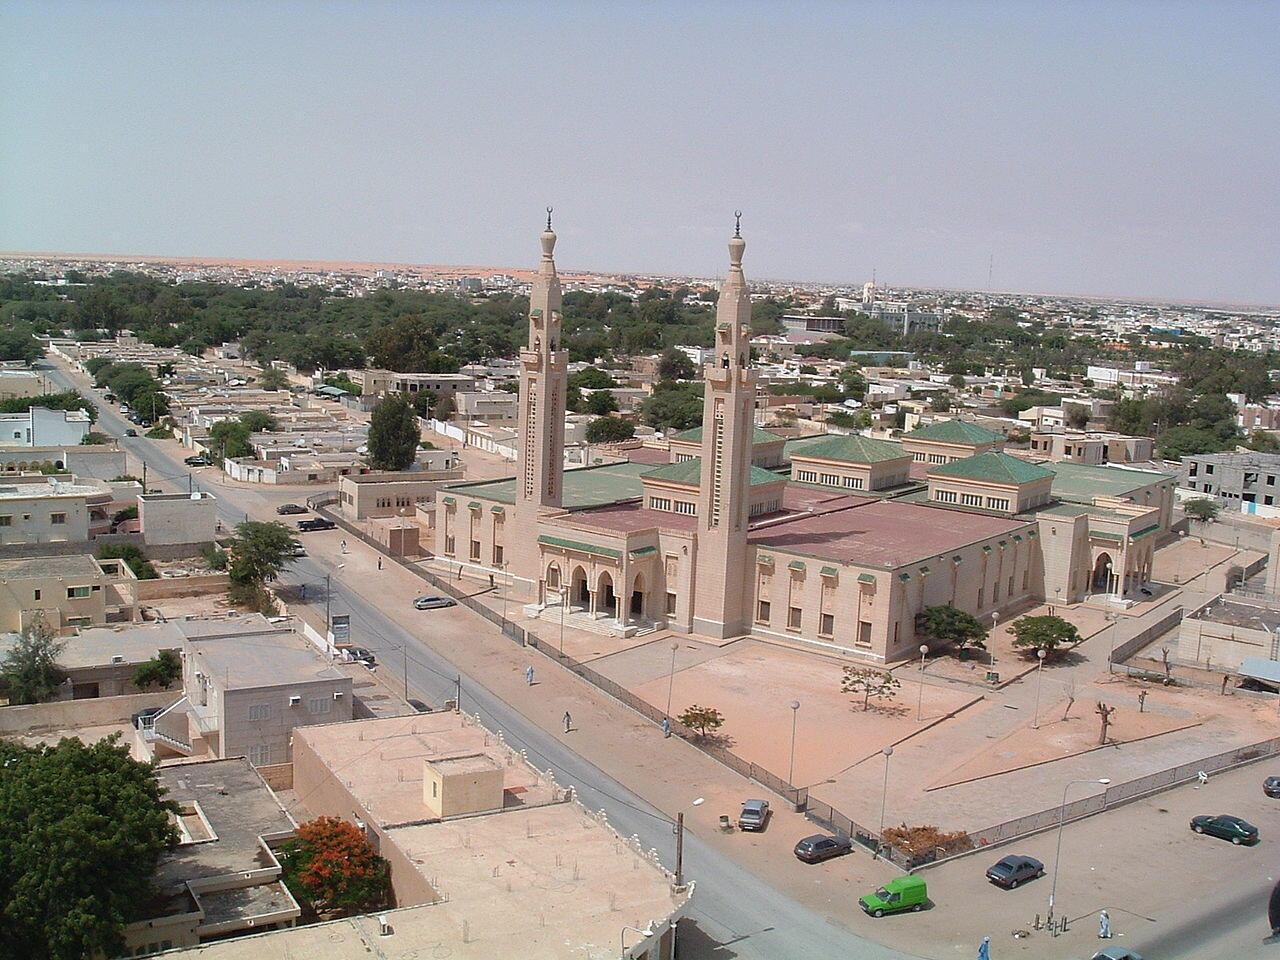 Vue de la ville de Nouakchott, capitale de la Mauritanie.